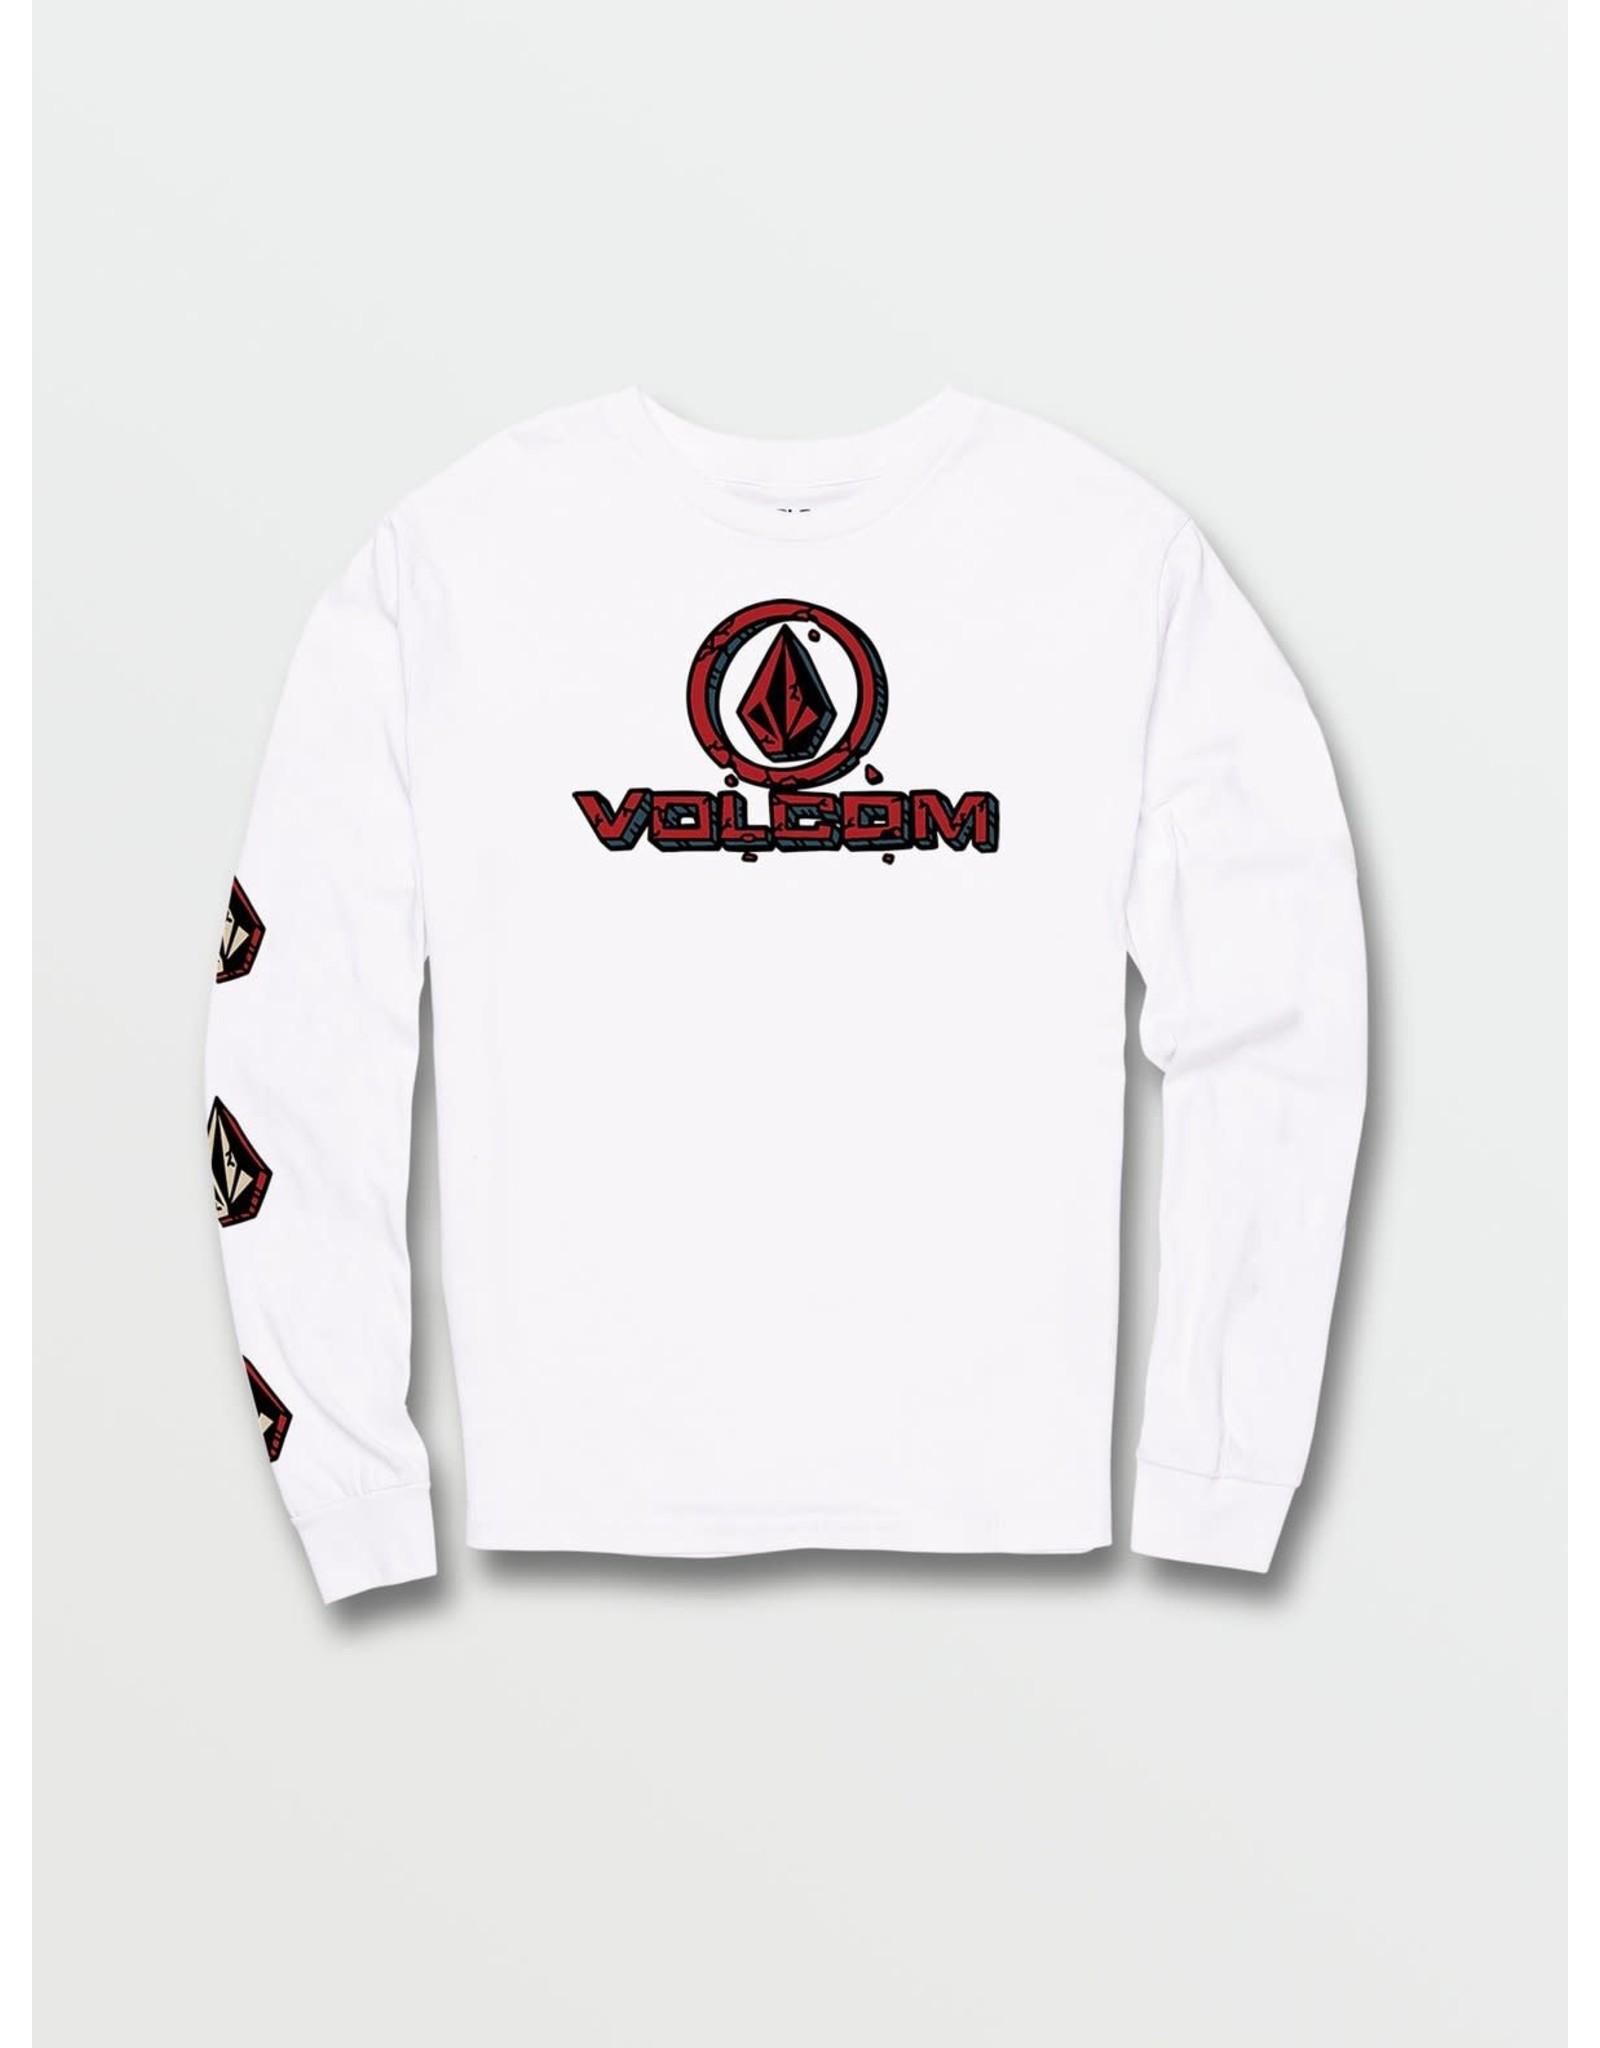 VOLCOM MONOLITH L/S TEE YOU